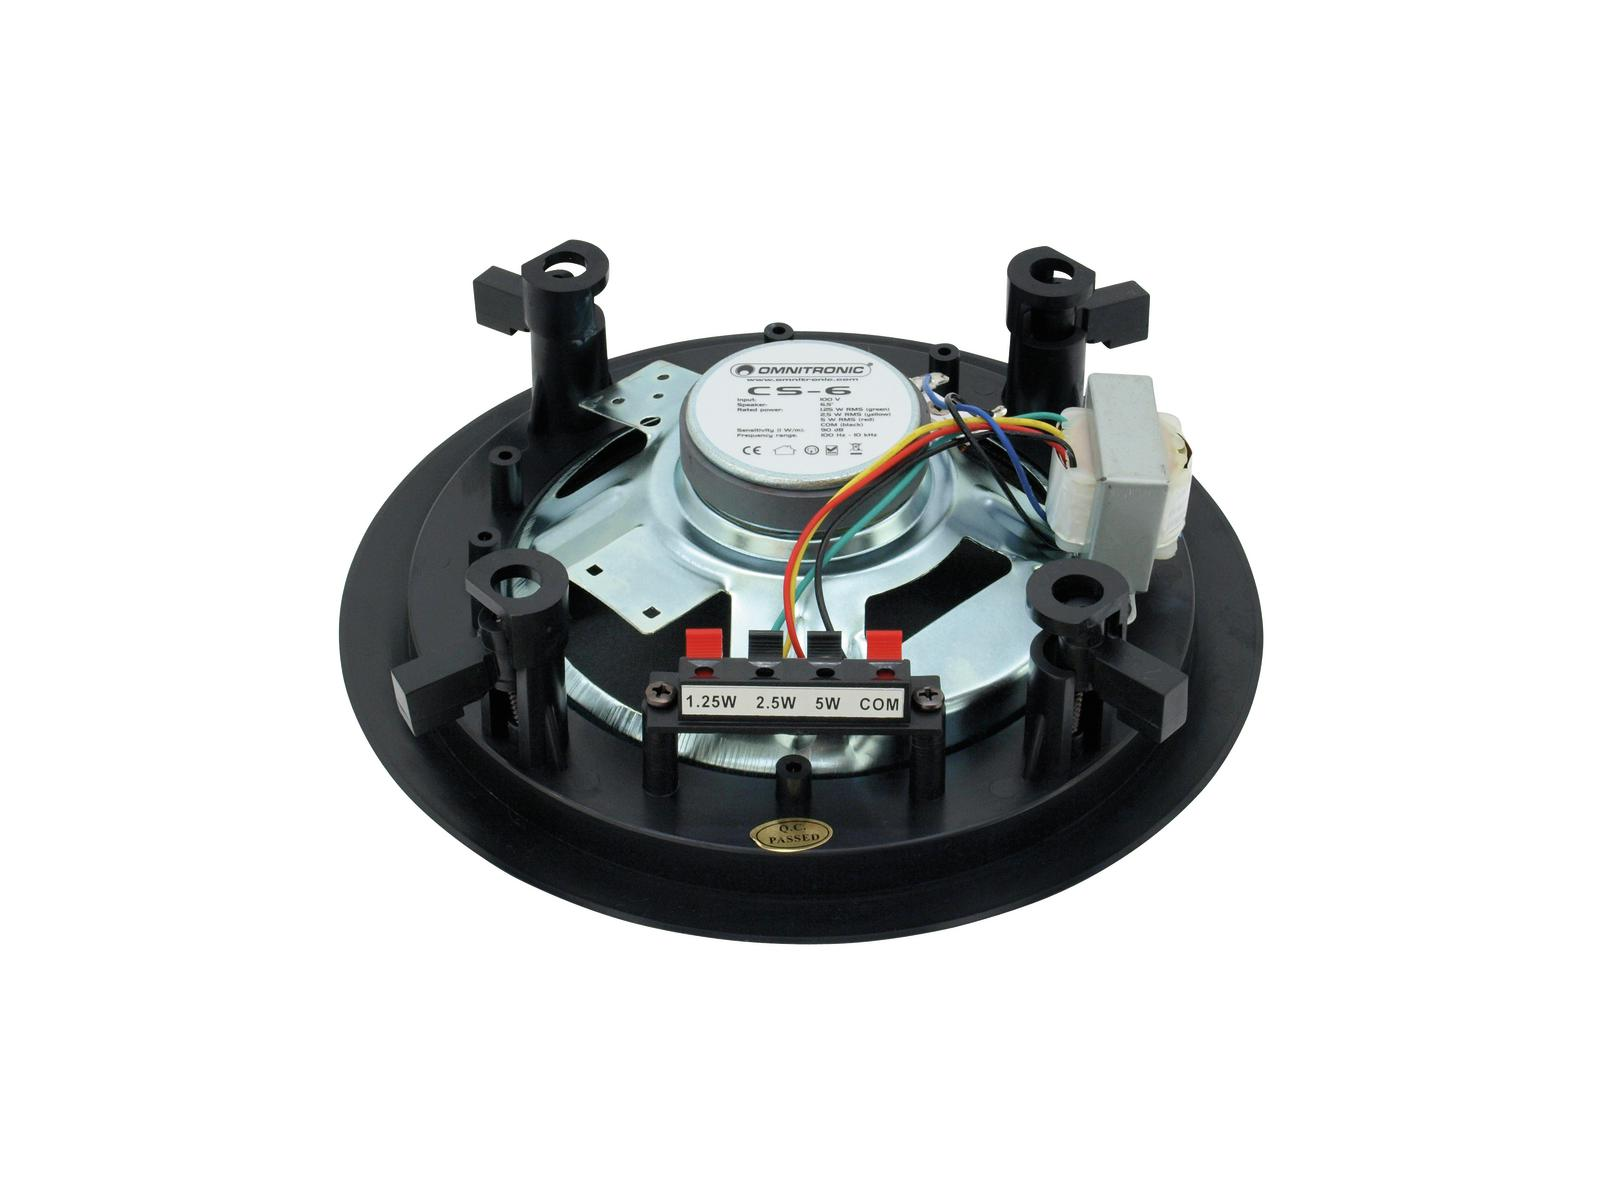 Cassa diffusore da soffitto parete 6 watt OMNITRONIC CS-6 nero